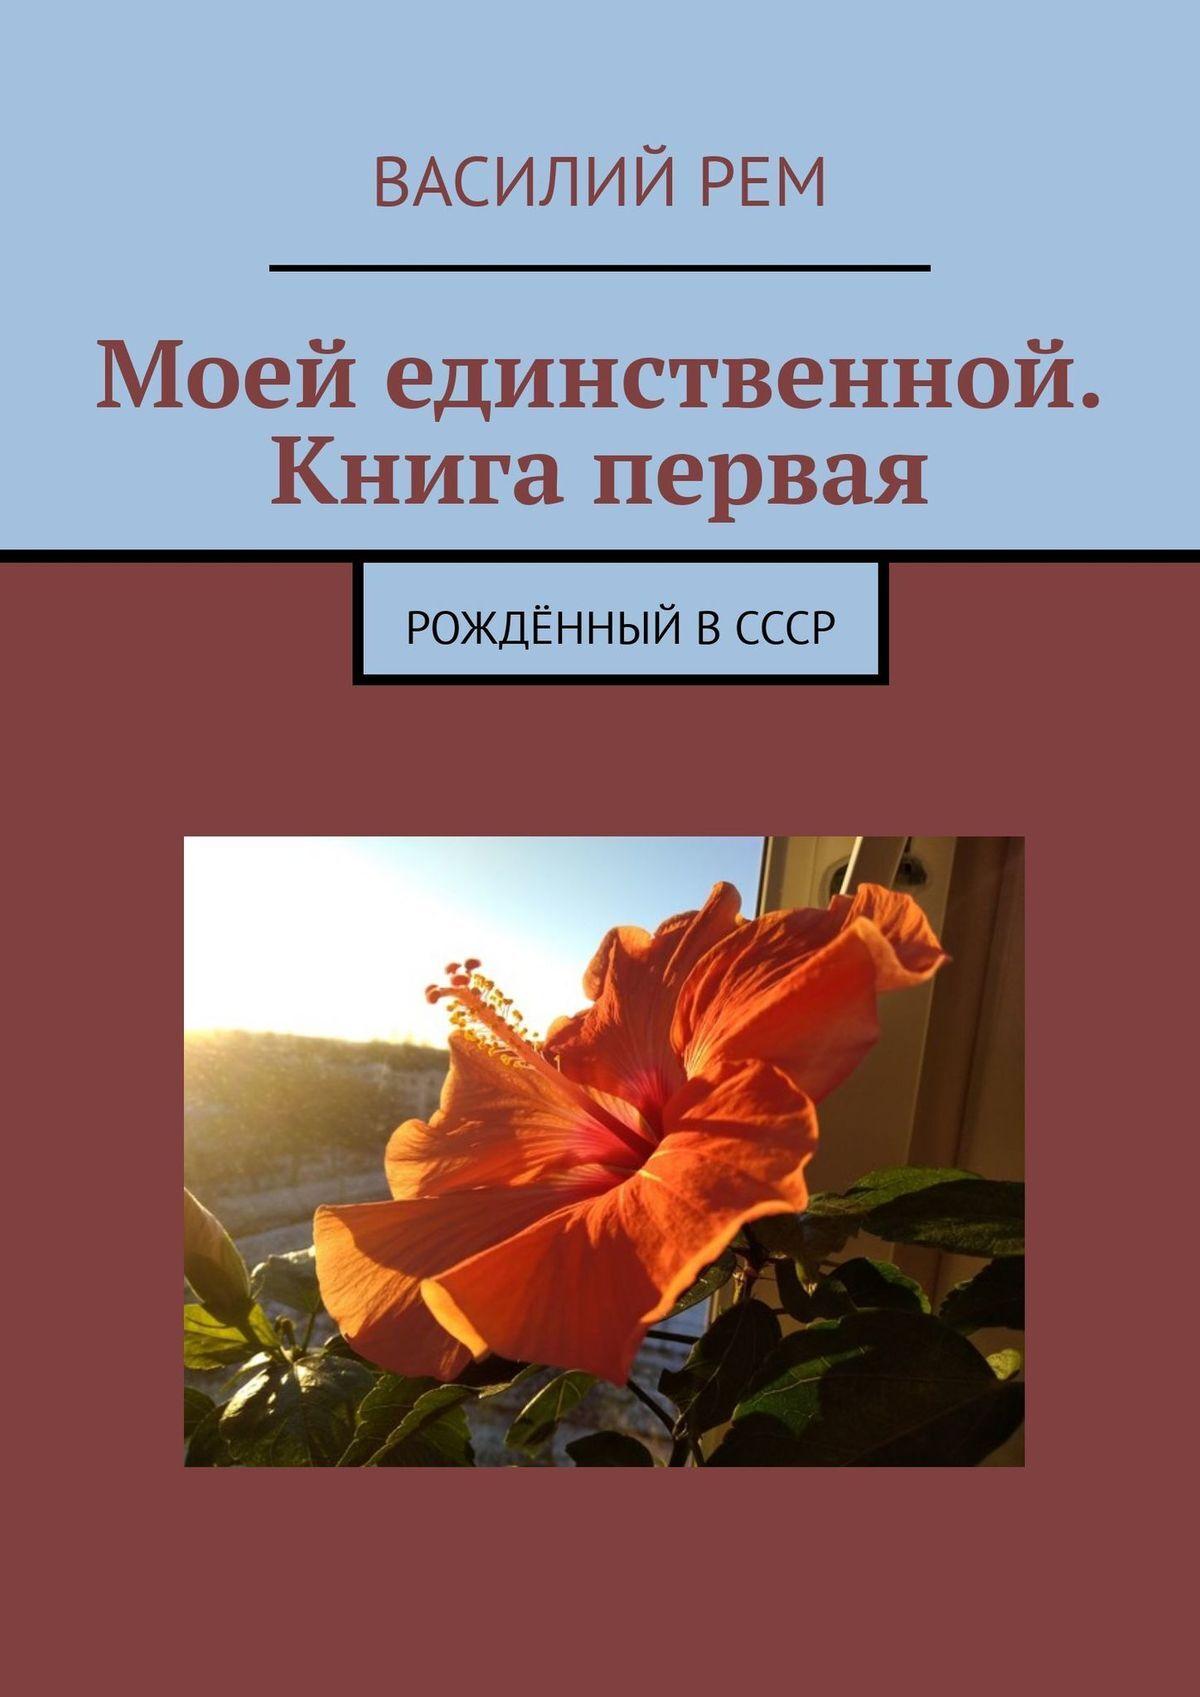 Василий Рем Моей единственной. Книга первая. Рождённый вСССР